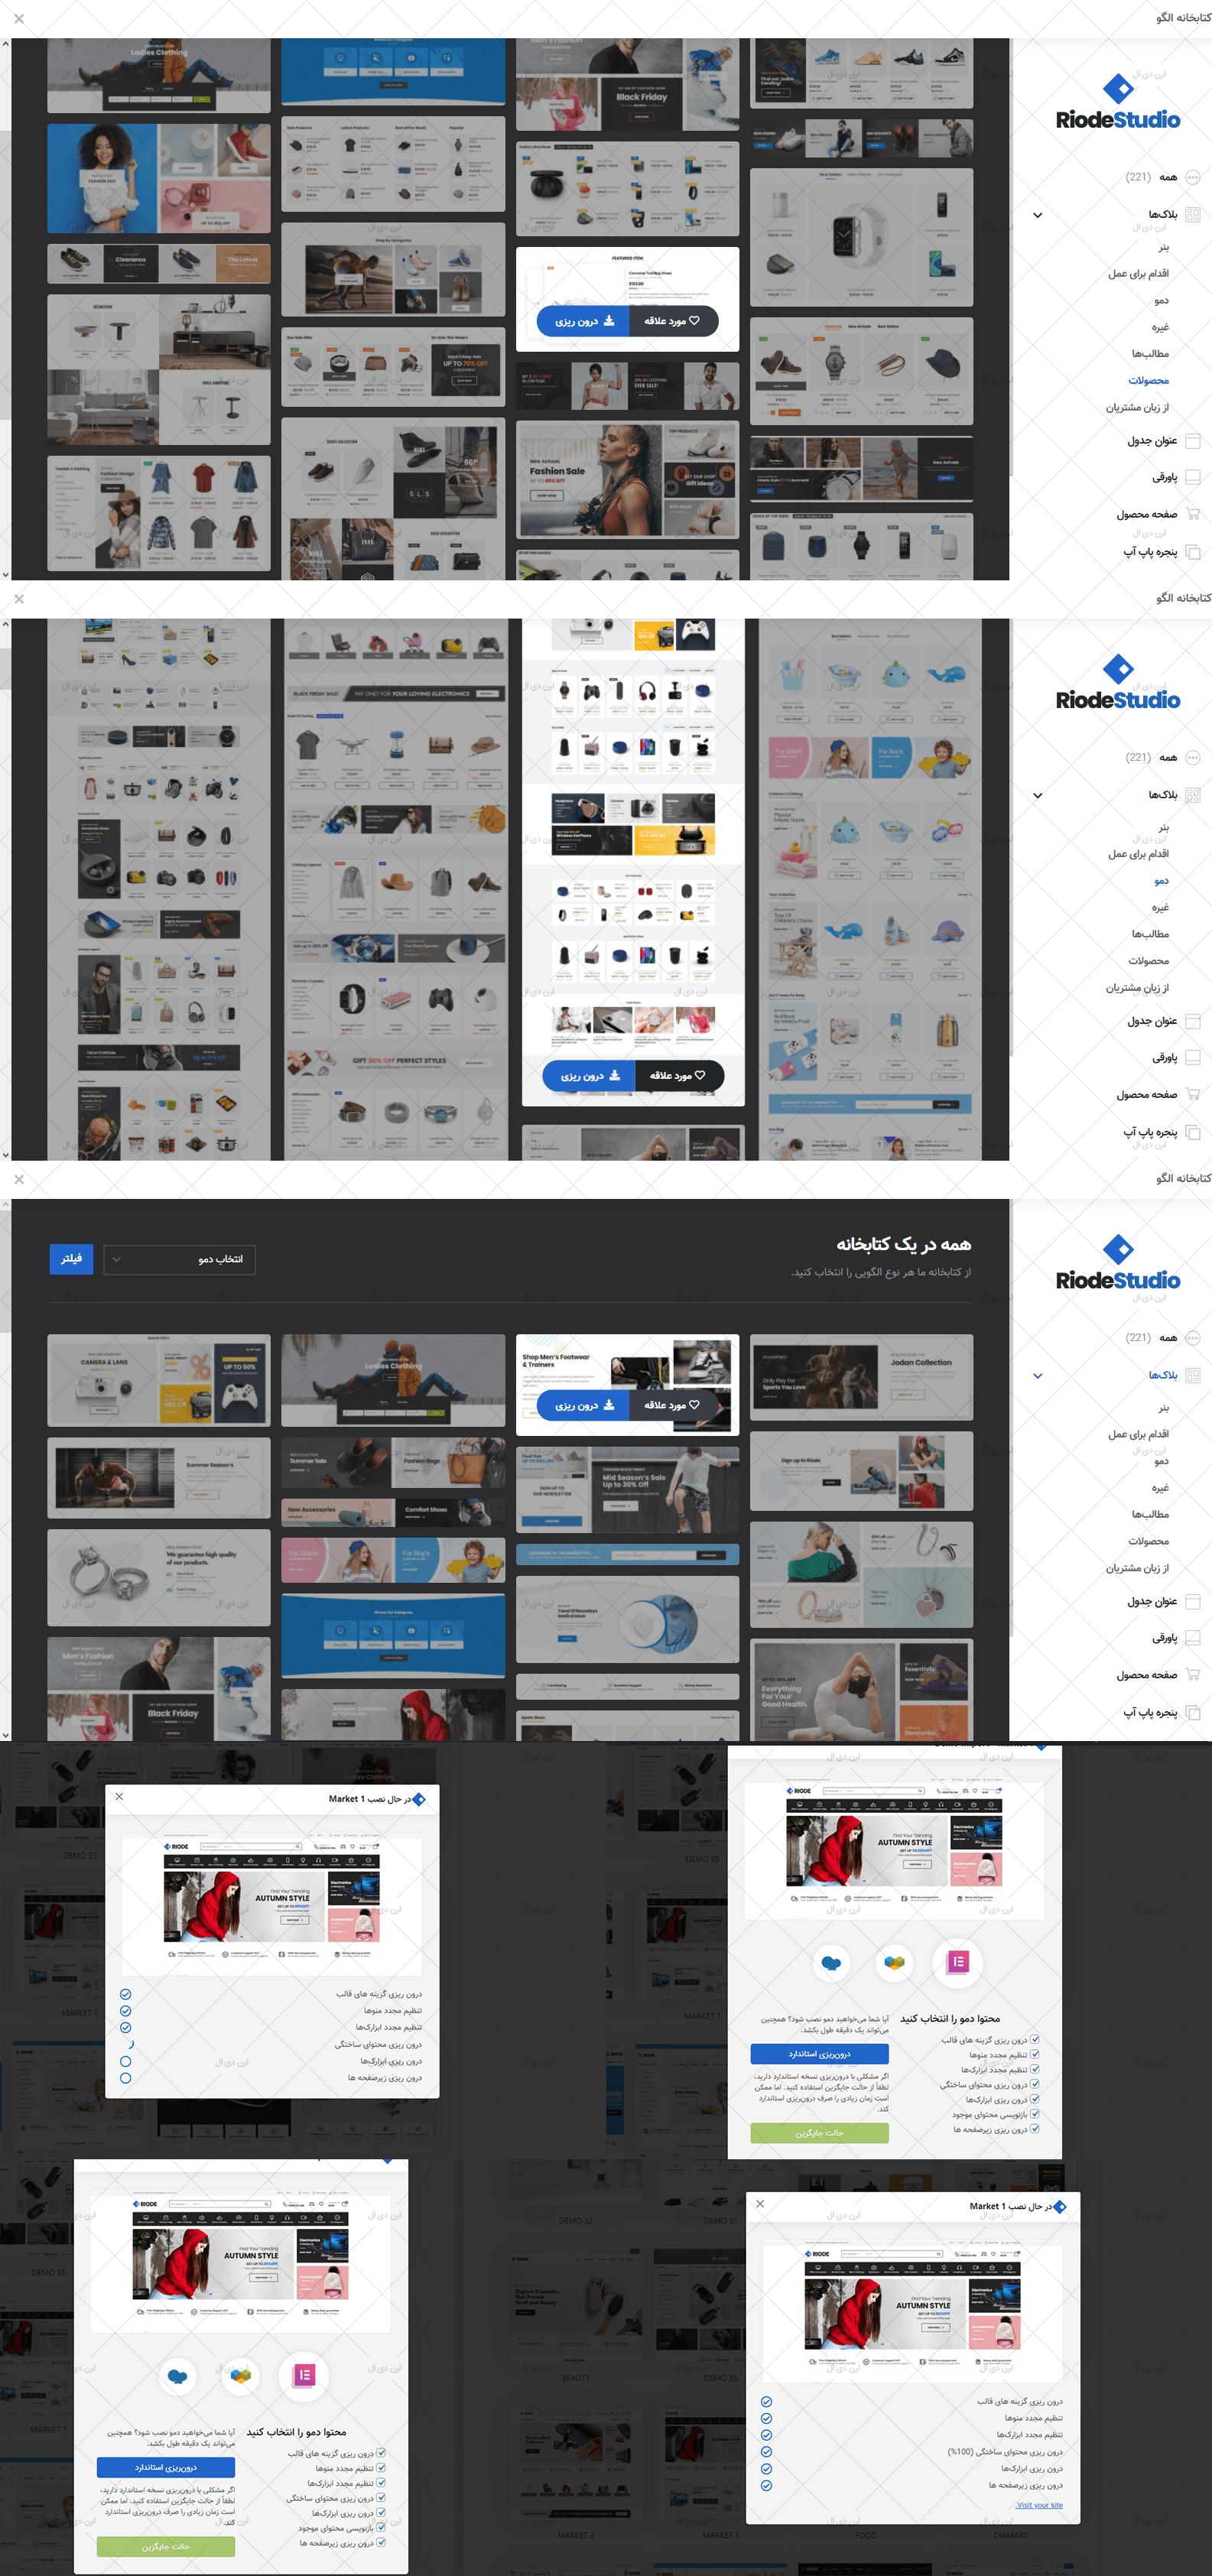 قالب وردپرس ریود مناسب برای سایت های فروشگاهی